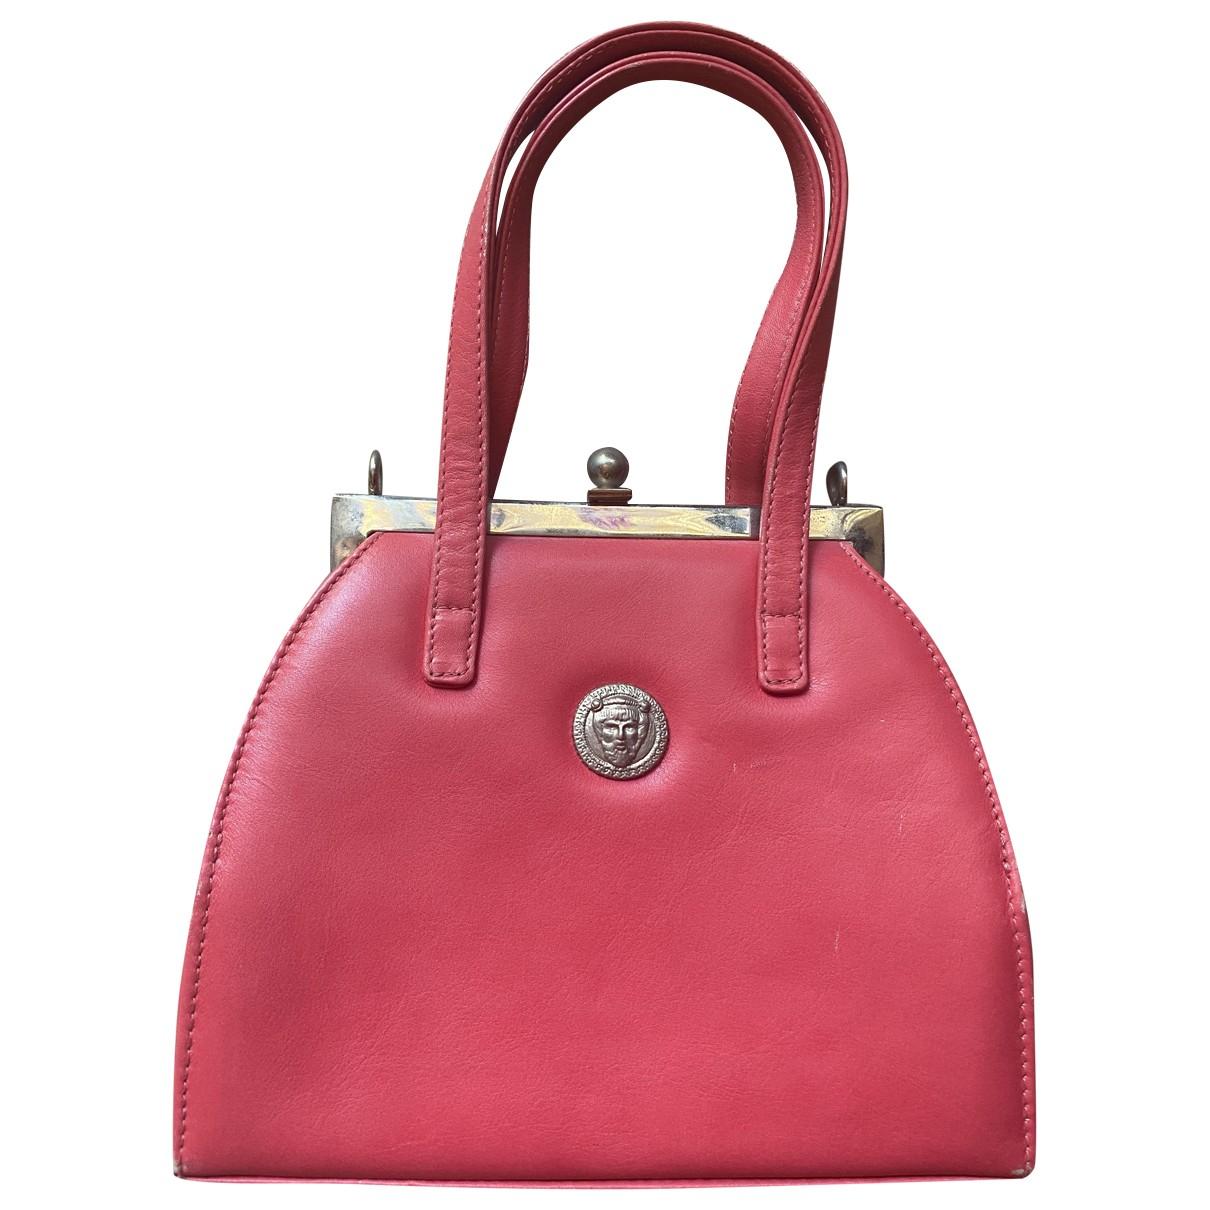 Istante - Sac a main   pour femme en cuir - rose